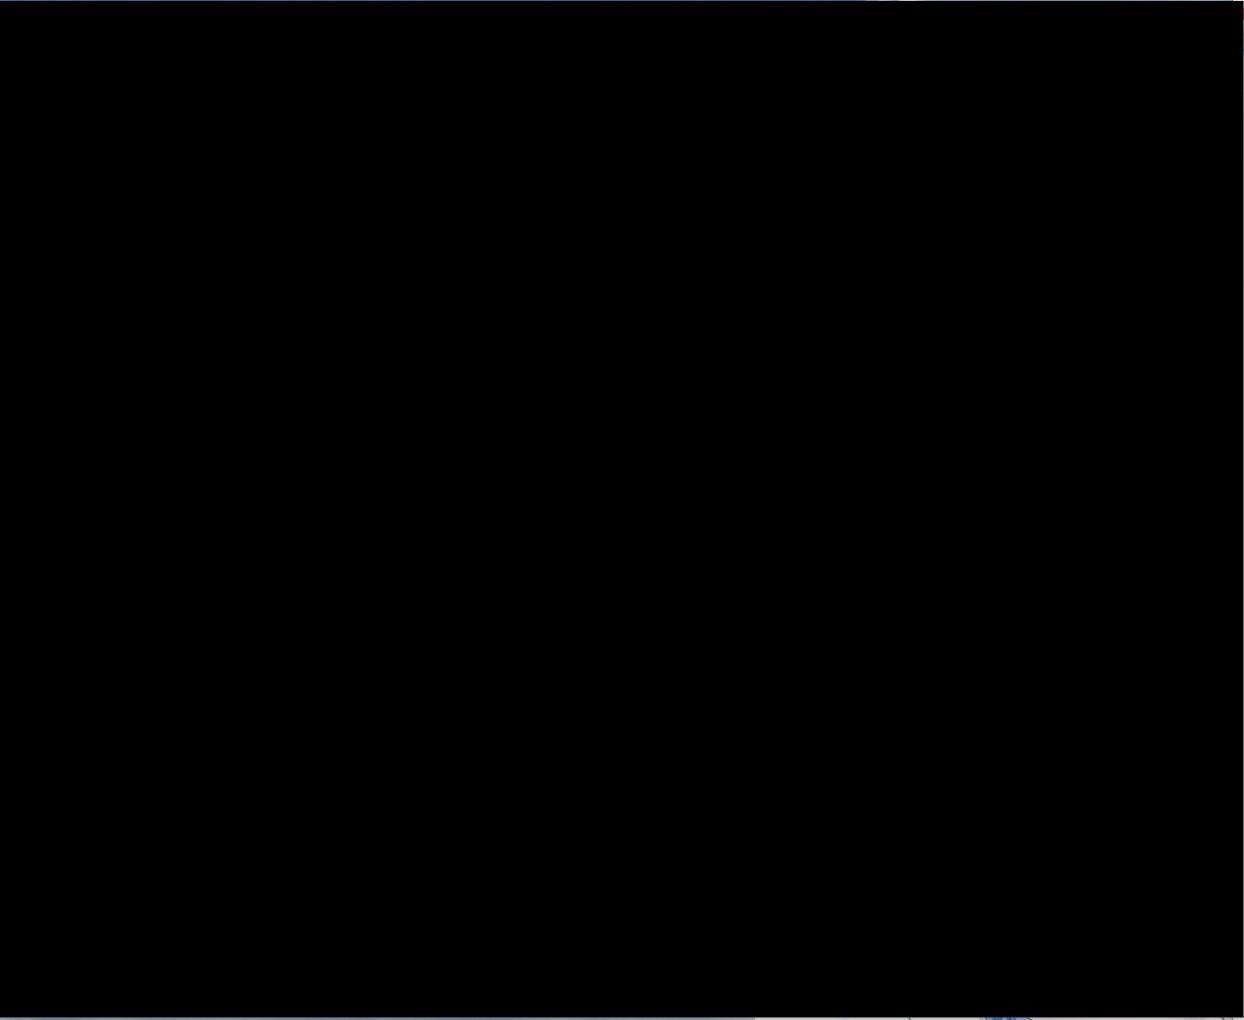 北森瓦版 メモ6 Google Chromeの画面が真っ黒になる